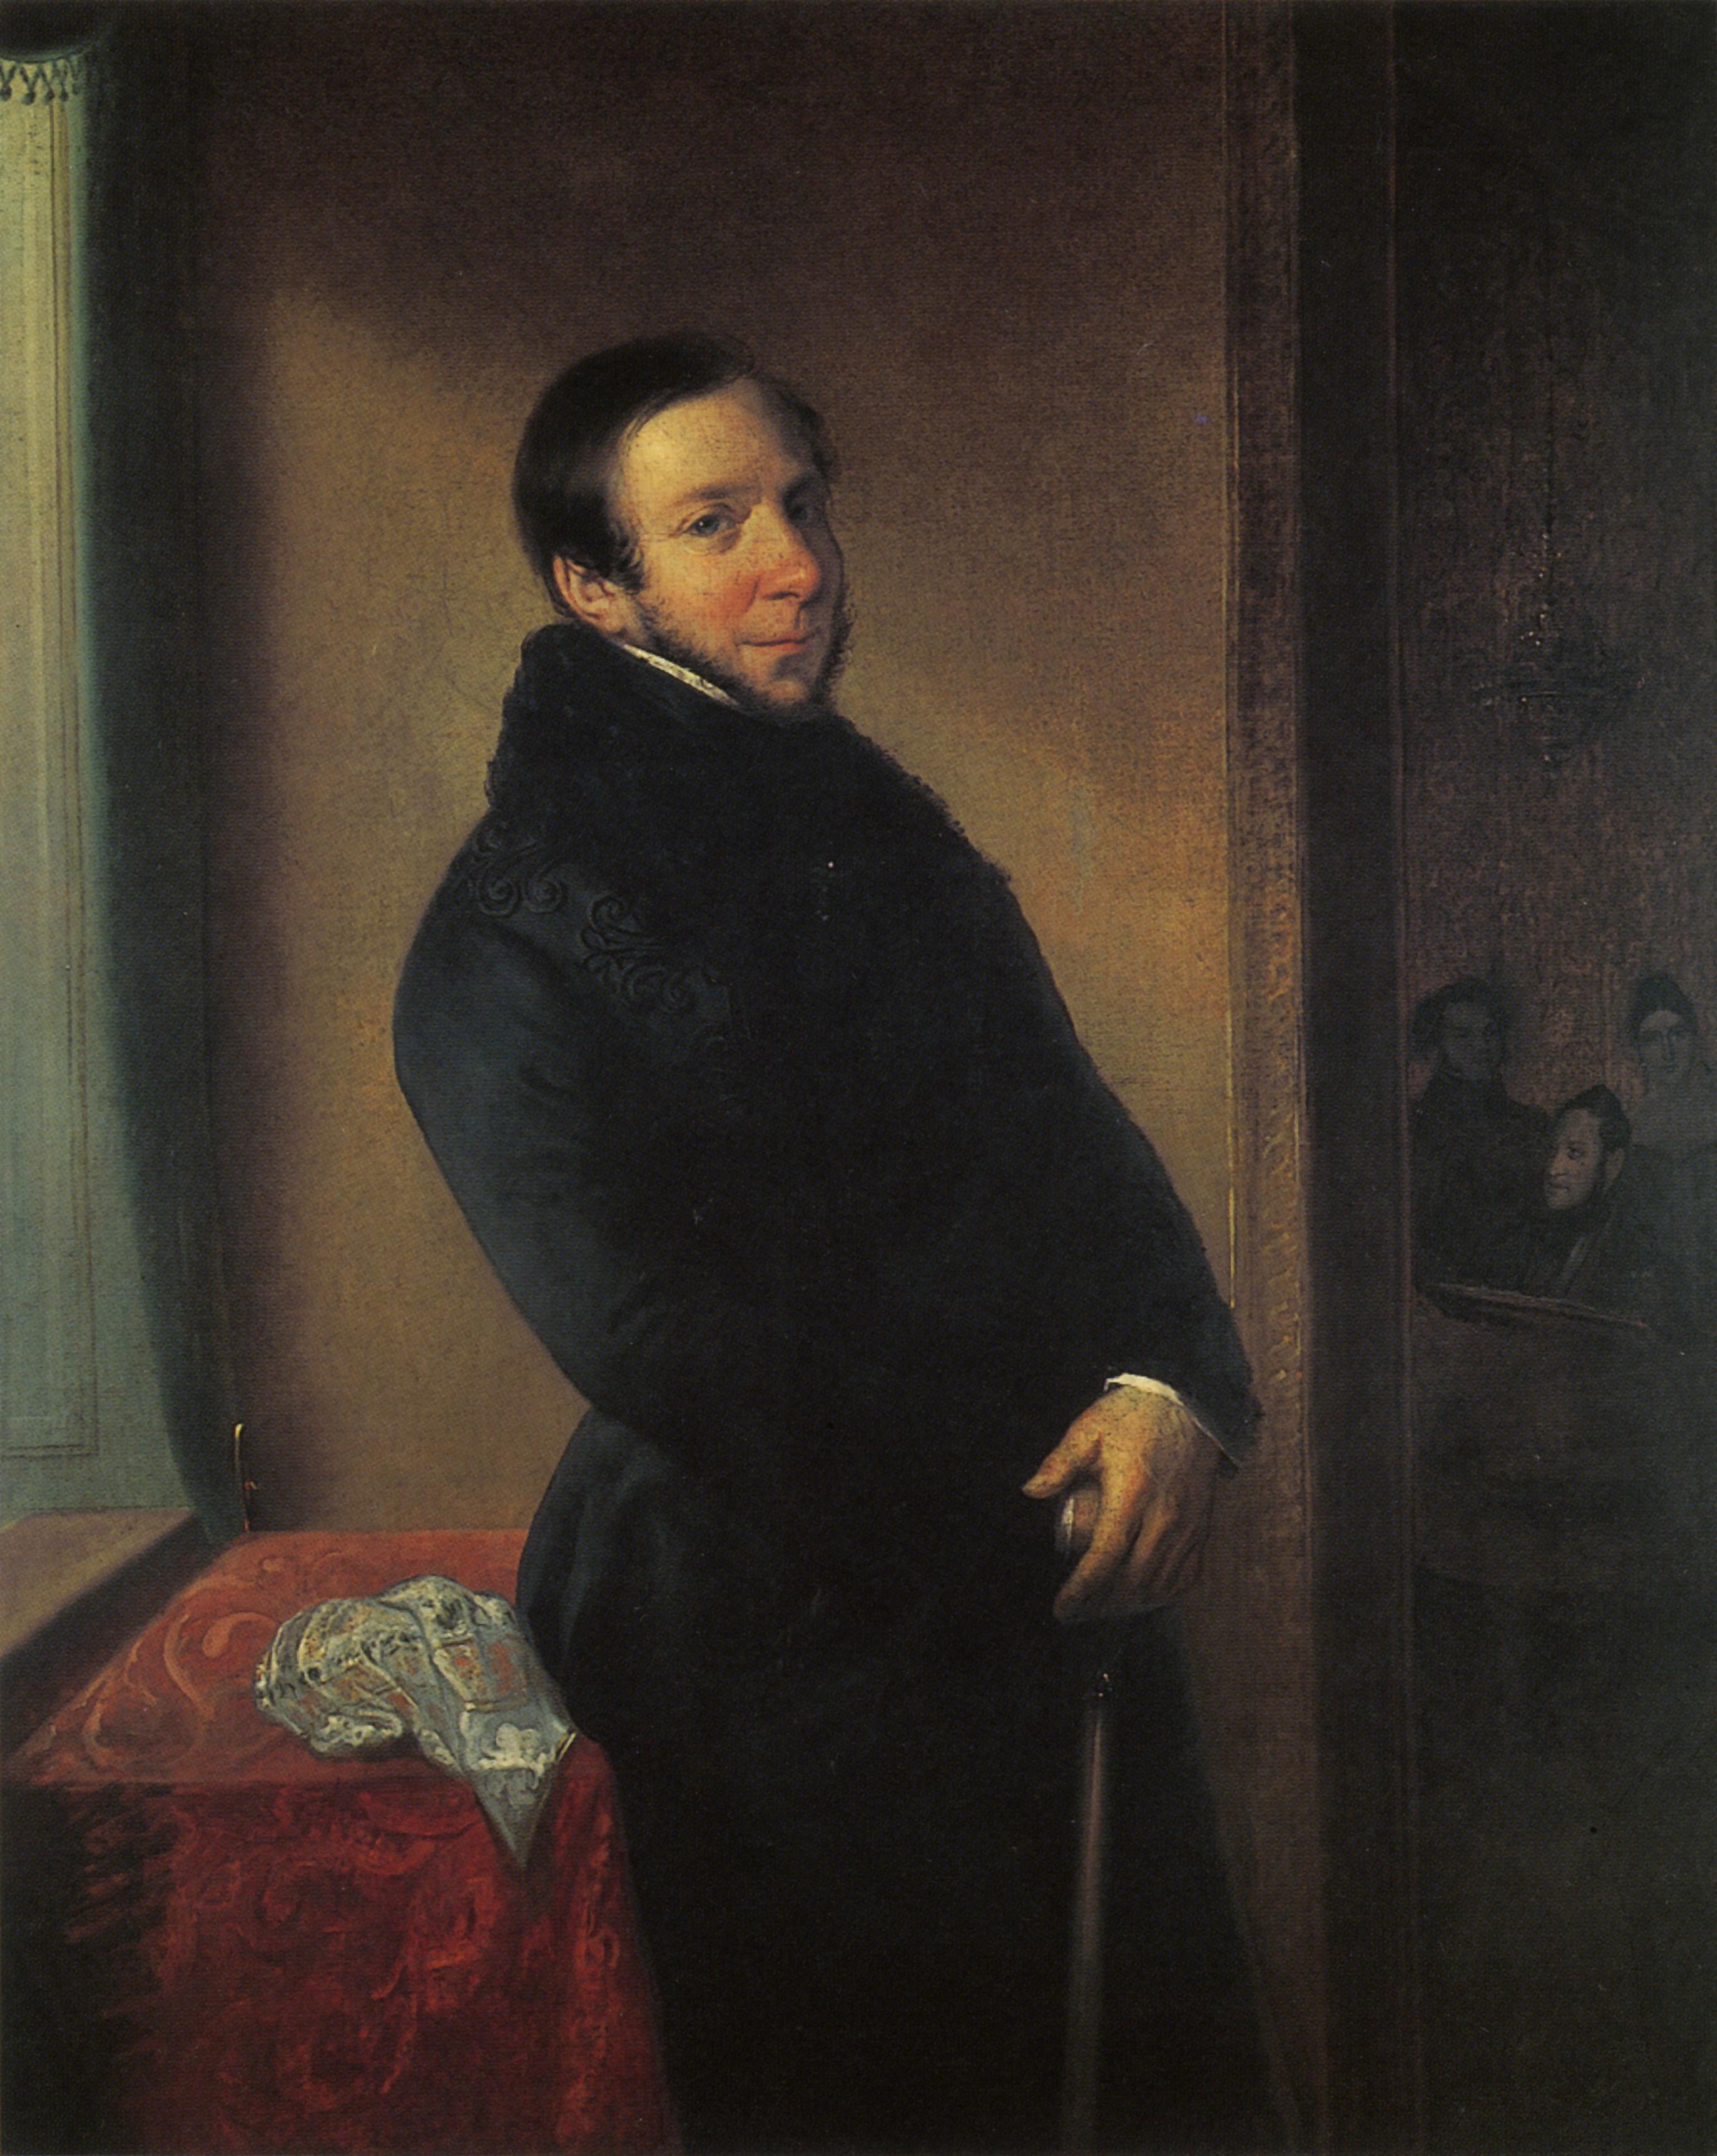 De dygtigste impresarioer får stor betydning for udviklingen af operagenren. Domenico Barbajo er en umådelig rig købmand med et blakket ry og et sprog, som mest består af fornærmelser. Han får svindlet sig til lederposten på San Carlo-operaen i Napoli, men hans kunstneriske tæft, hans forretningstalent og frækhed i kontraktforhandlingerne skaber sæson efter sæson af succespremierer. Han parrer tidens mest talentfulde komponister med sangerstjerner i topklasse – og får endda de økonomiske ender til at hænge nogenlunde sammen.